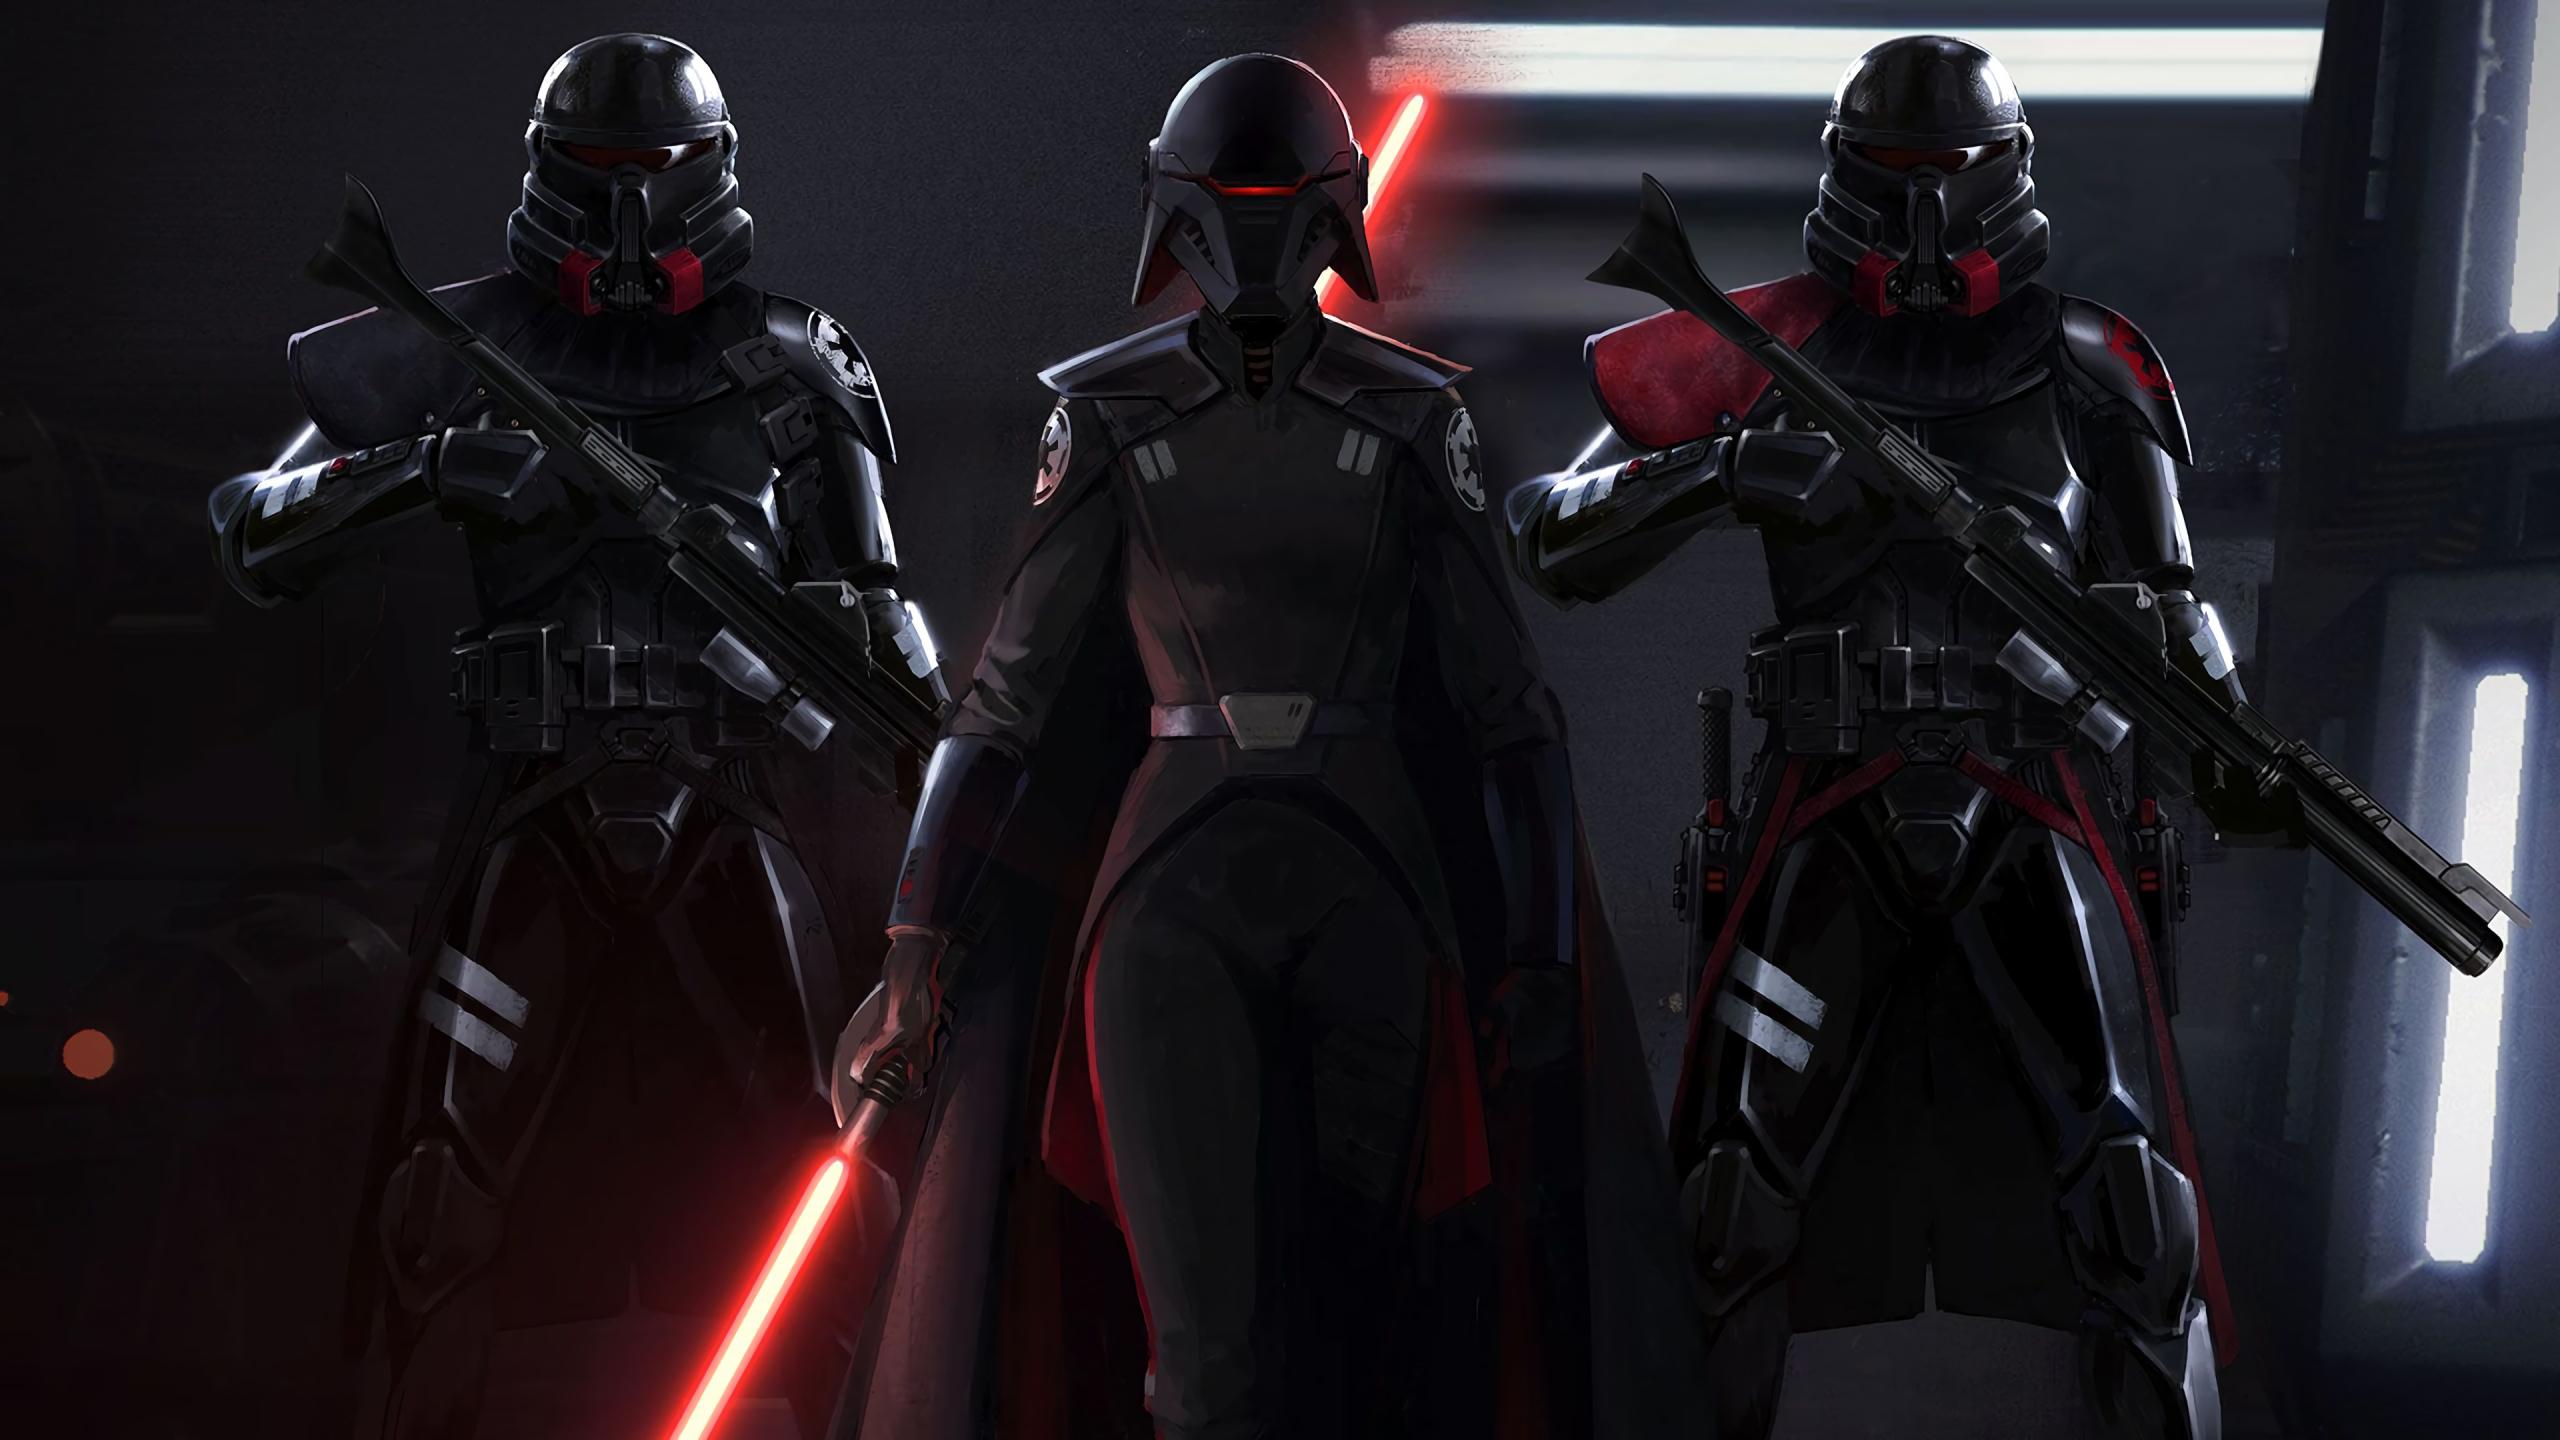 2560x1440 Star Wars Jedi Fallen Order 4K 1440P Resolution